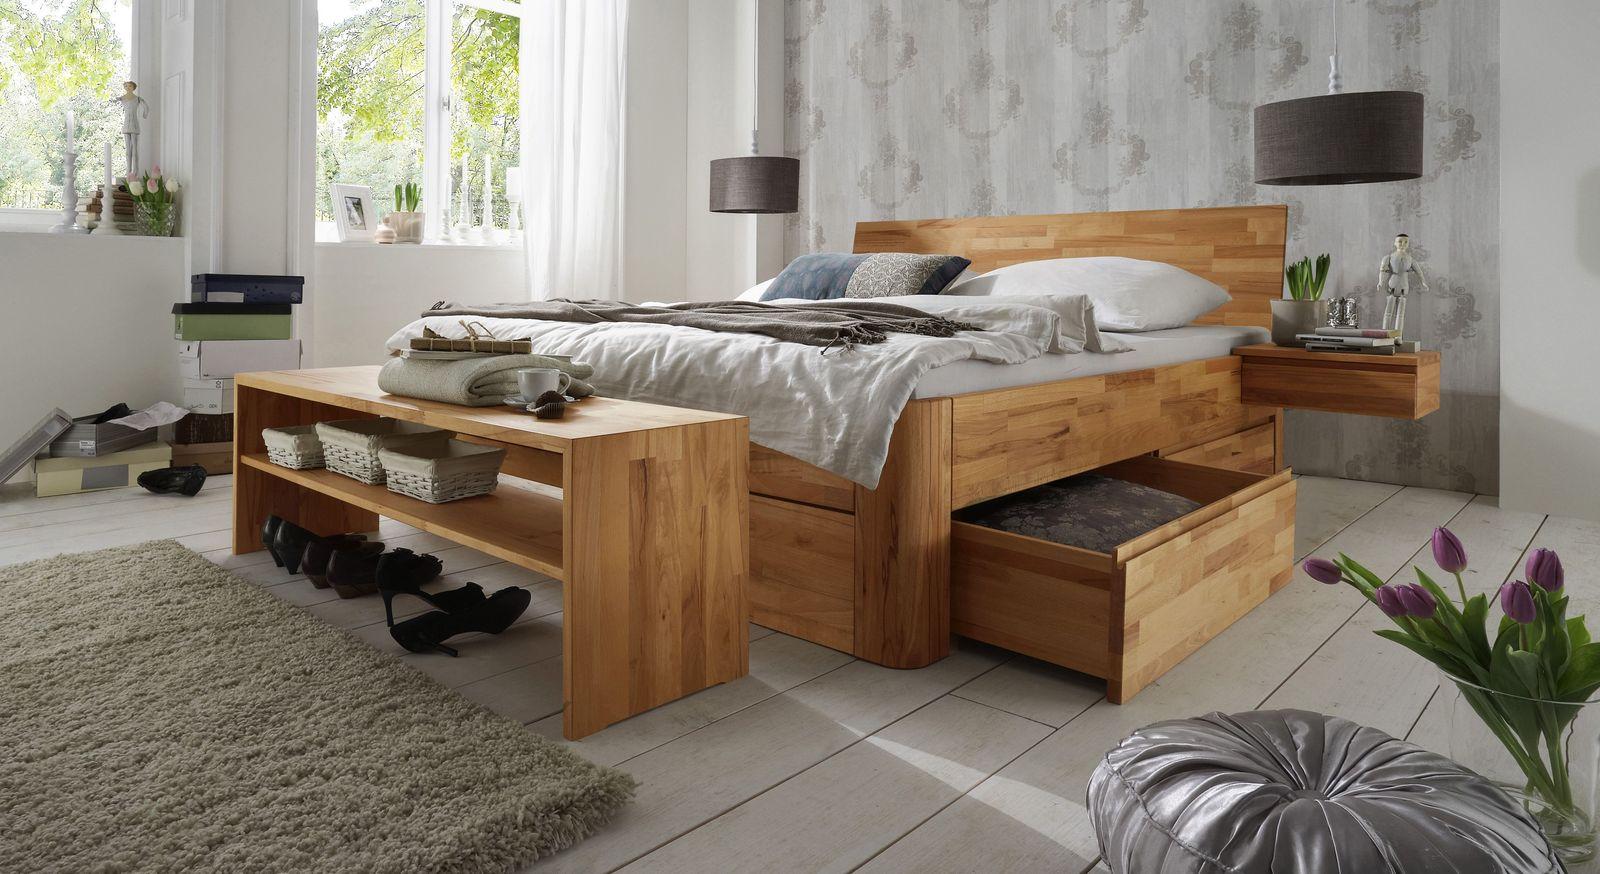 Holzbett Zarbo mit 2 Schubkasten jeweils zur Hälfte